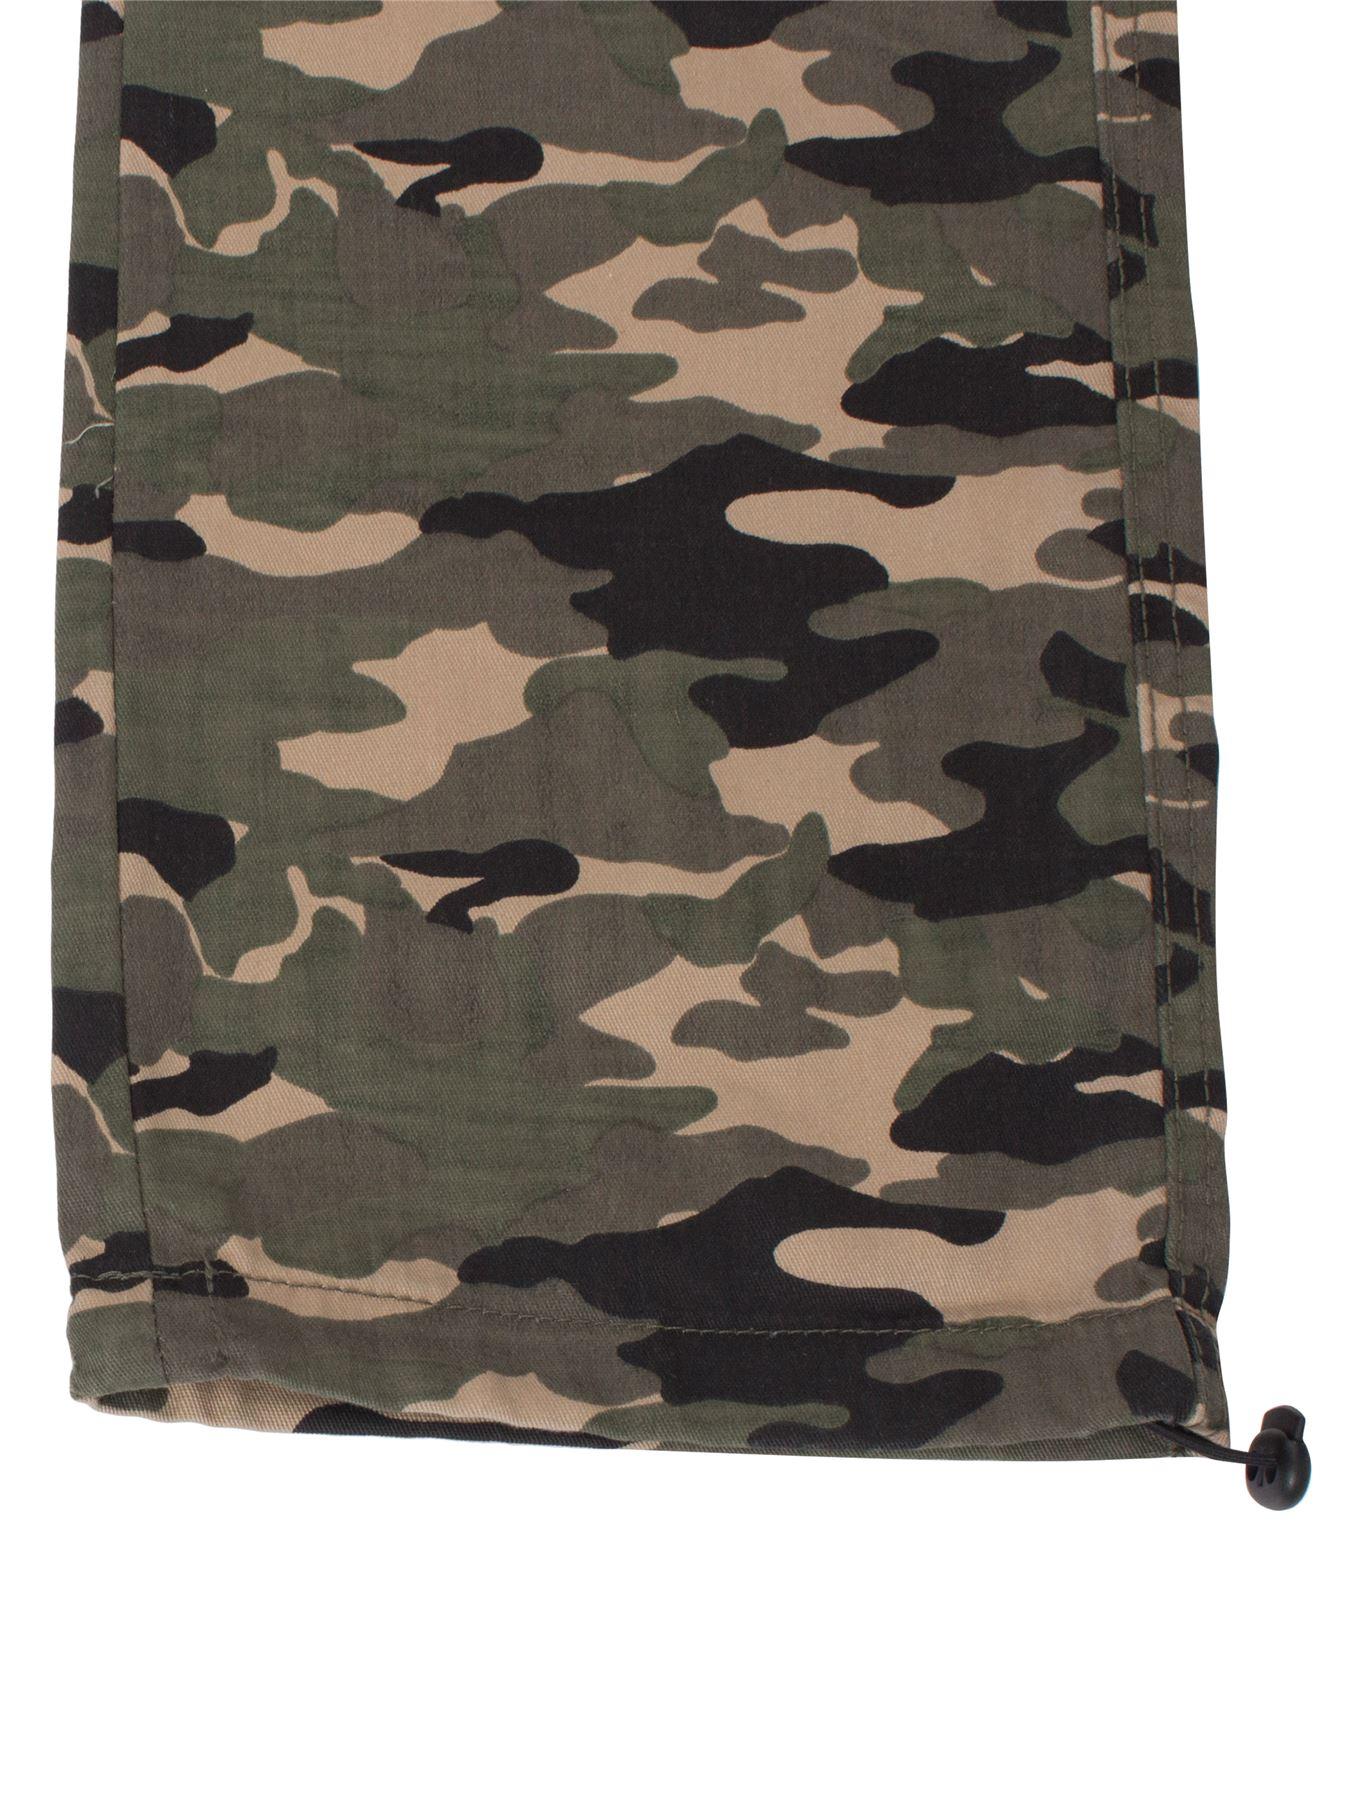 Kruze-Uomo-Militare-Pantaloni-Camouflage-Cargo-Mimetico-Casual-Lavoro miniatura 23